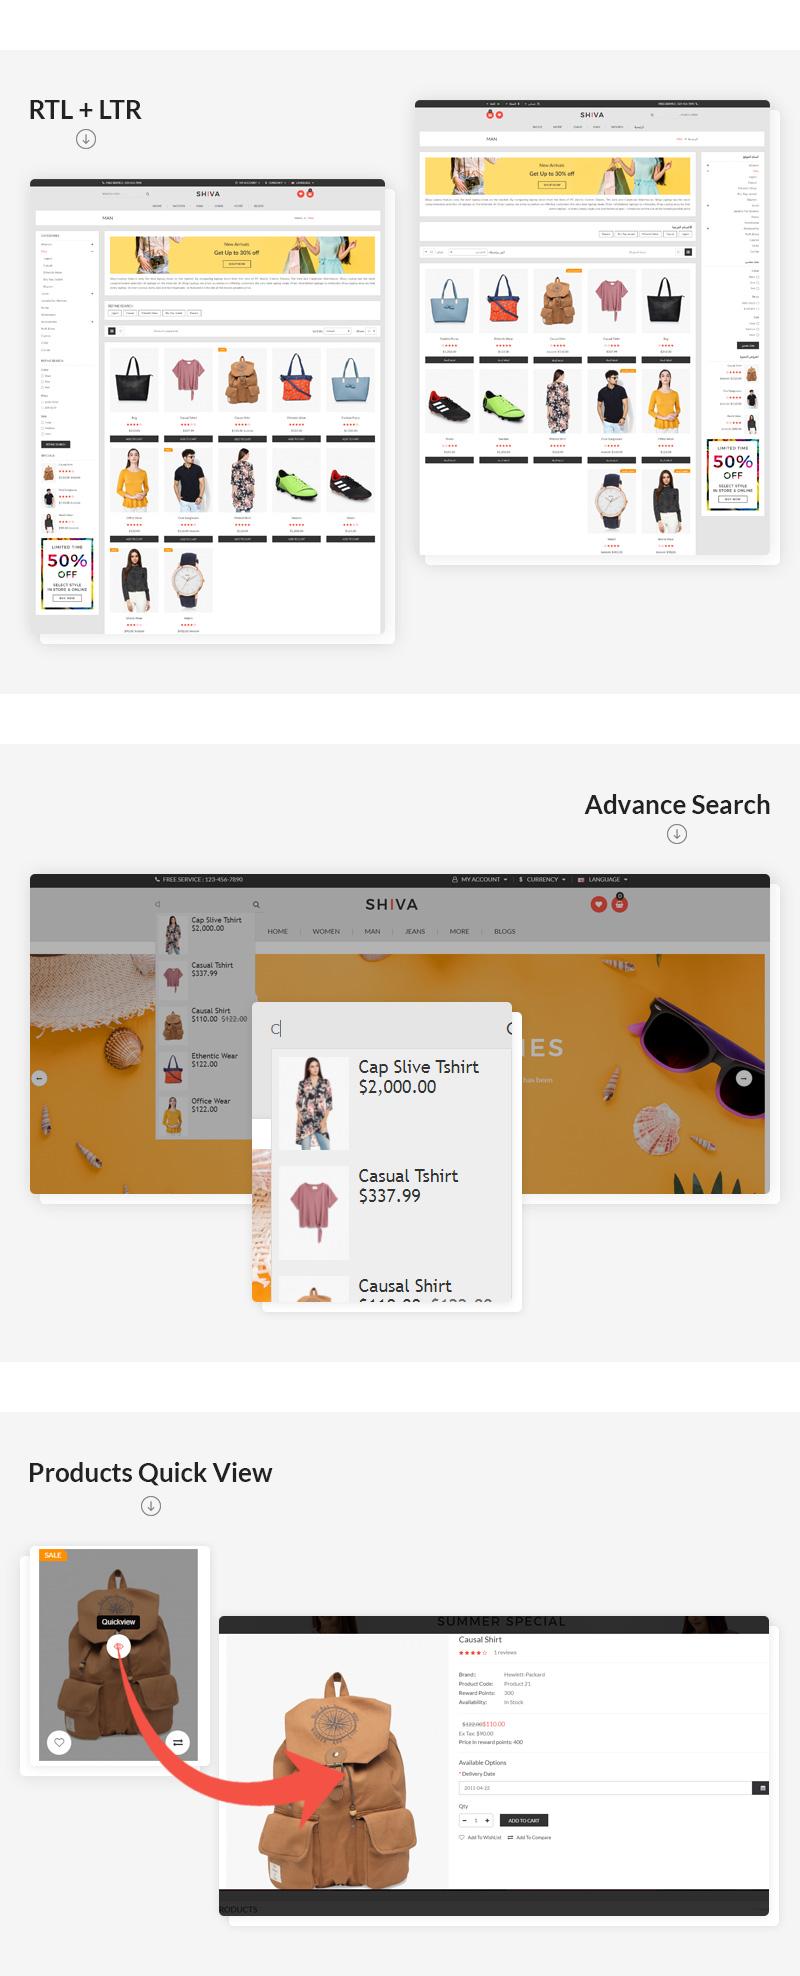 shiva-features-2.jpg